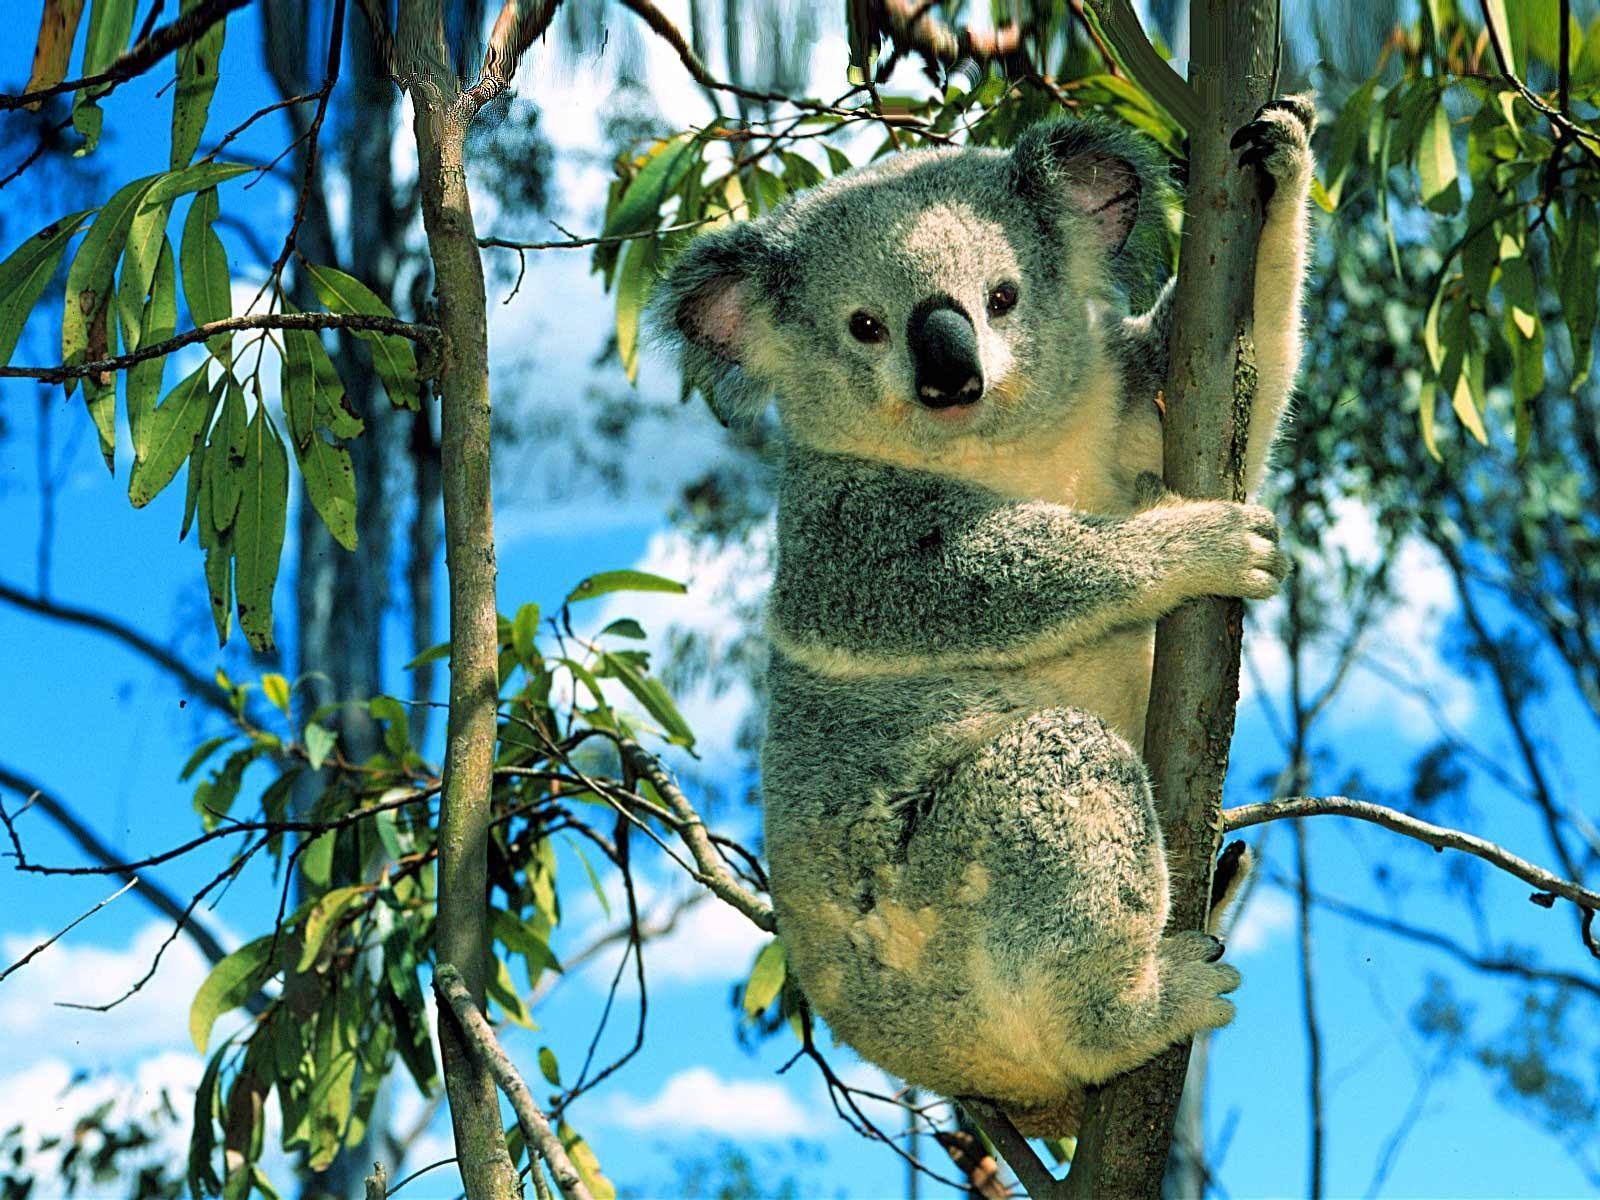 cute-koala-bear-animals-wallpapers ...